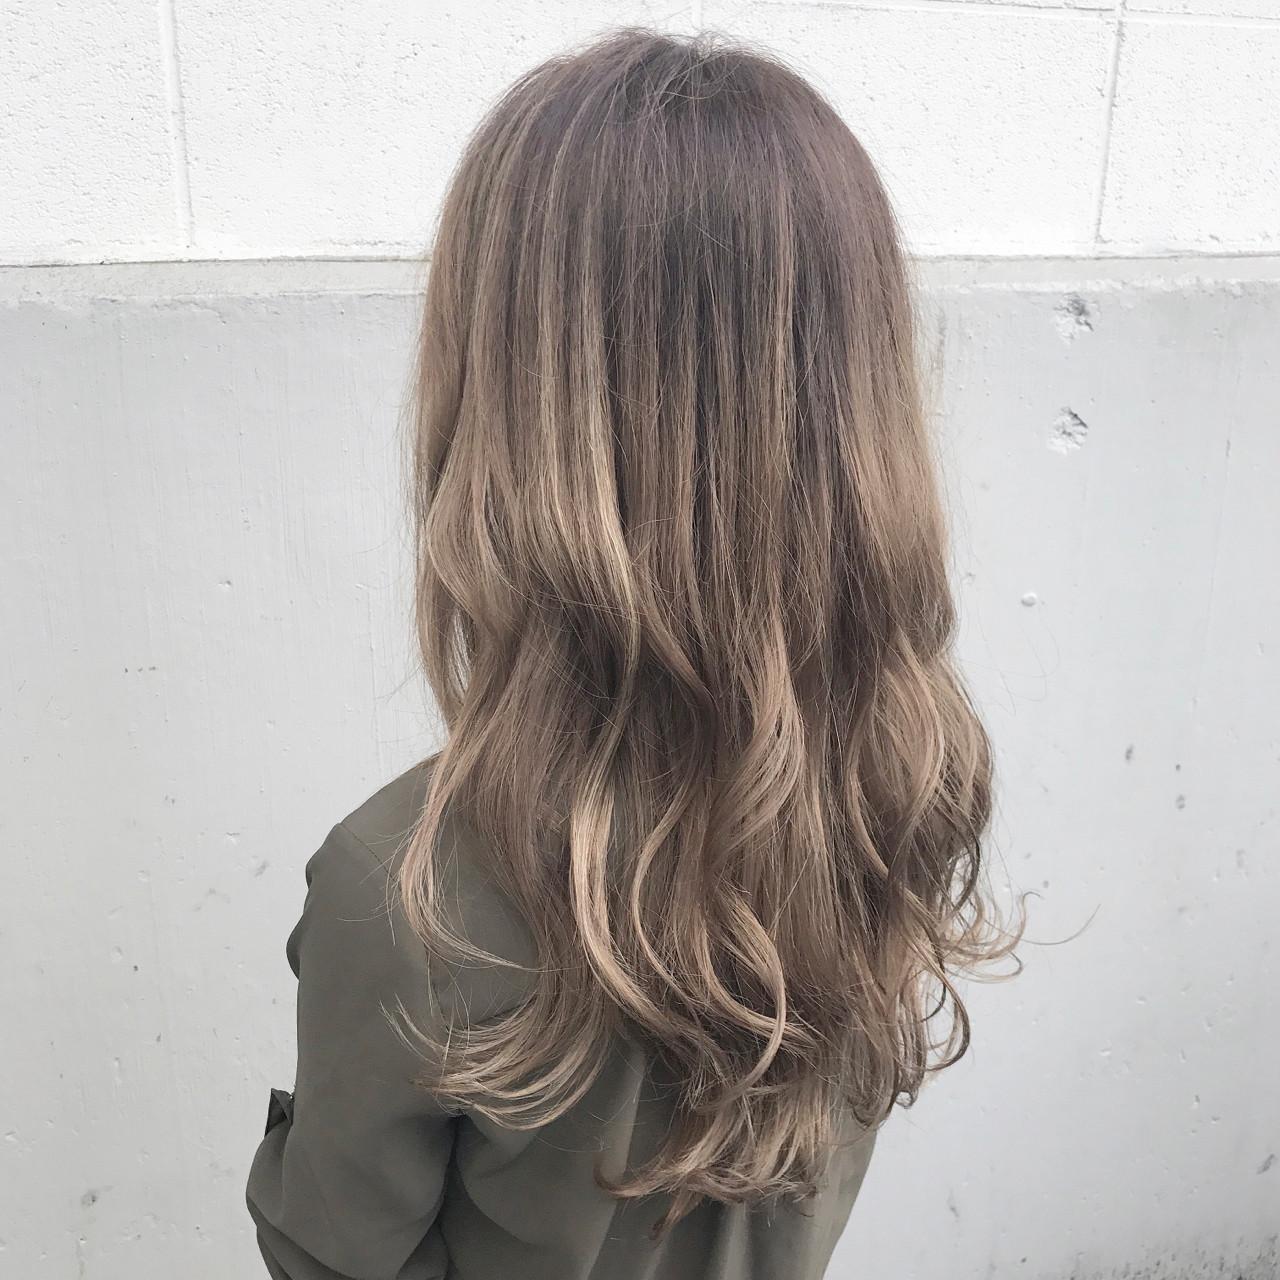 ミルクティー ロング インナーカラー ハイライト ヘアスタイルや髪型の写真・画像